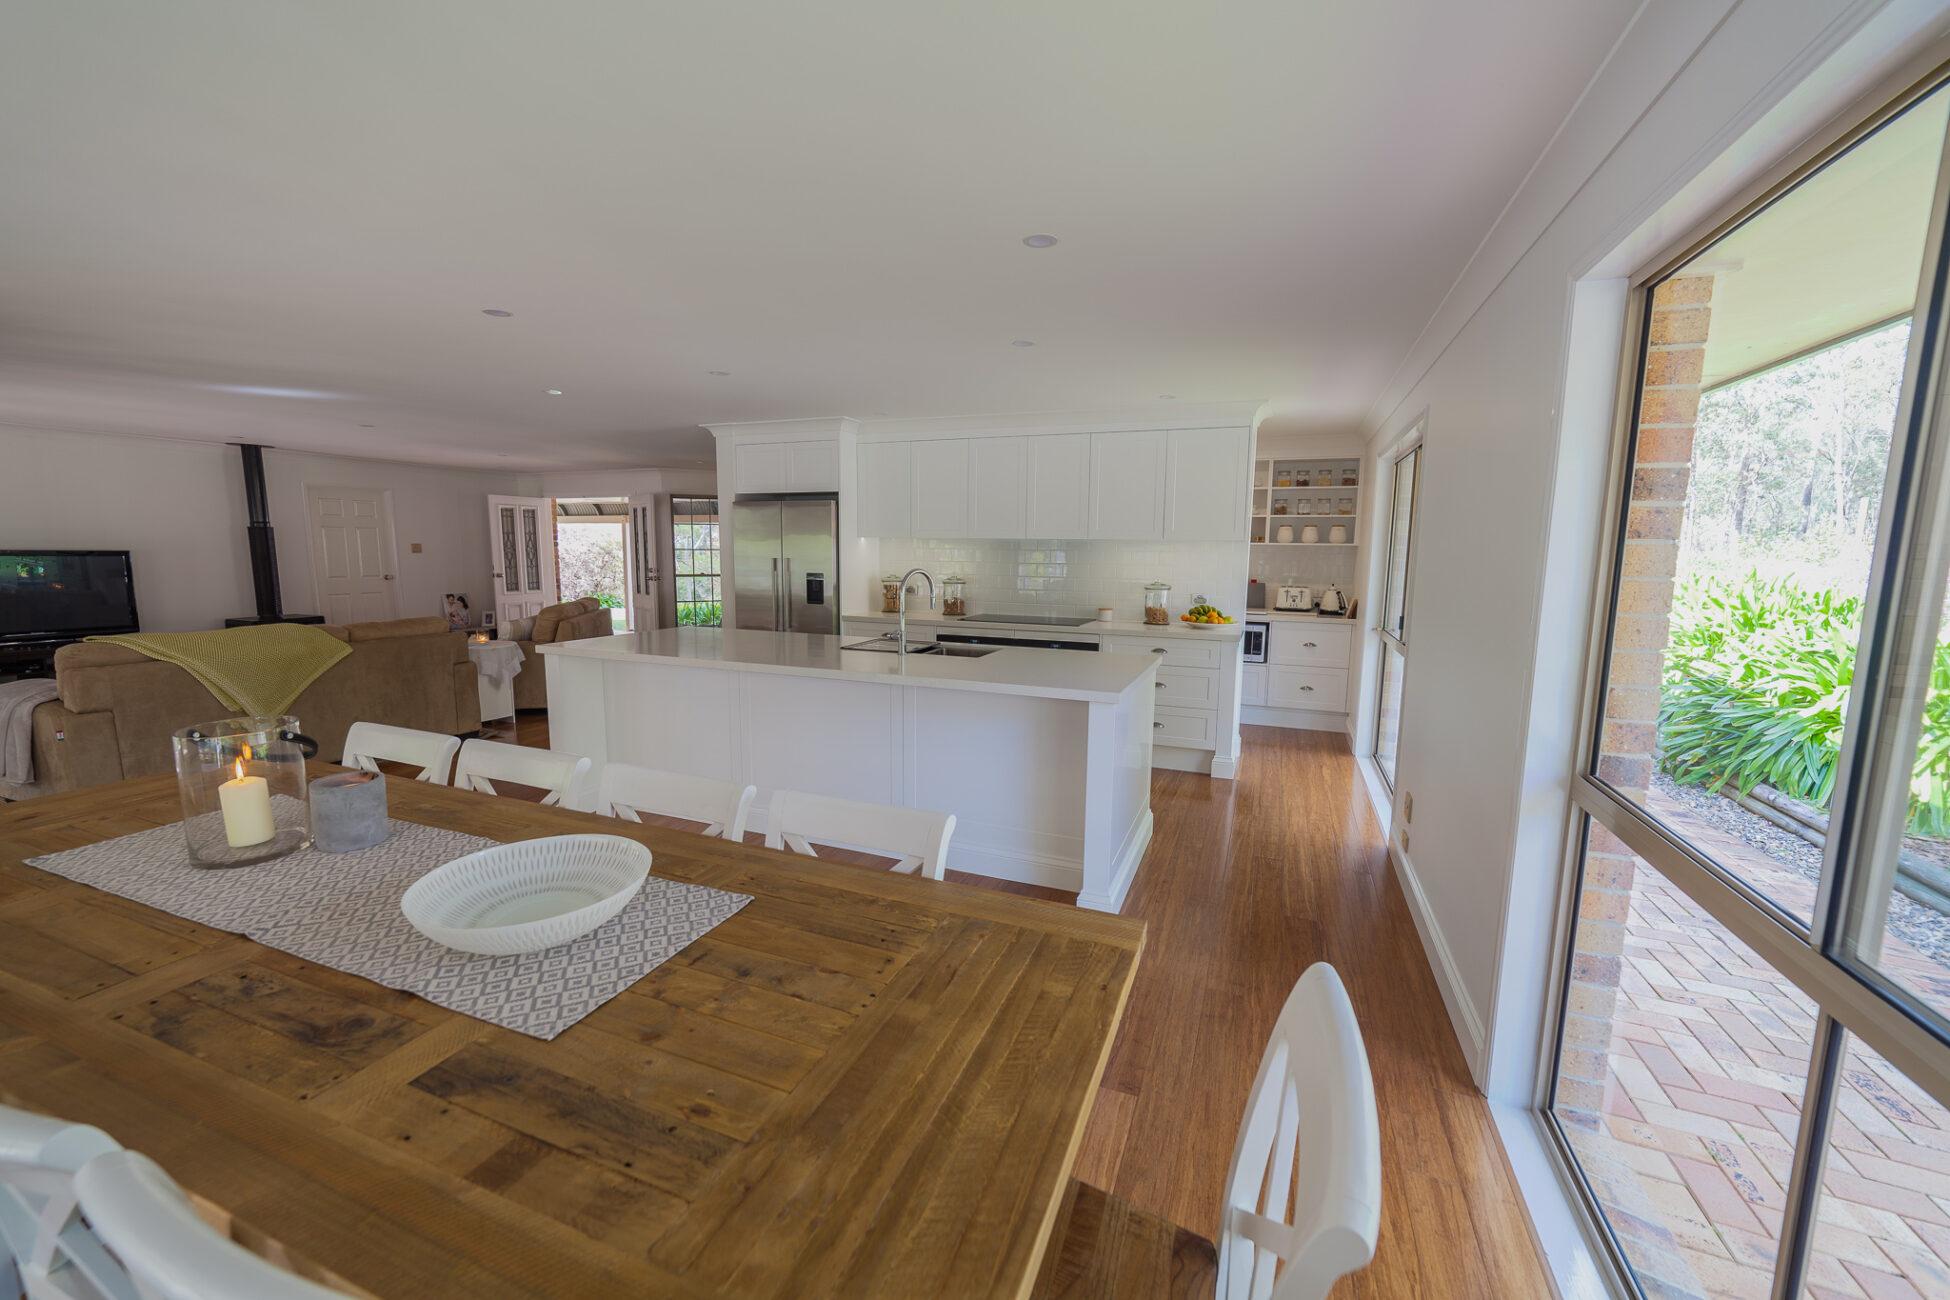 Warner Kitchen & Living Renovation